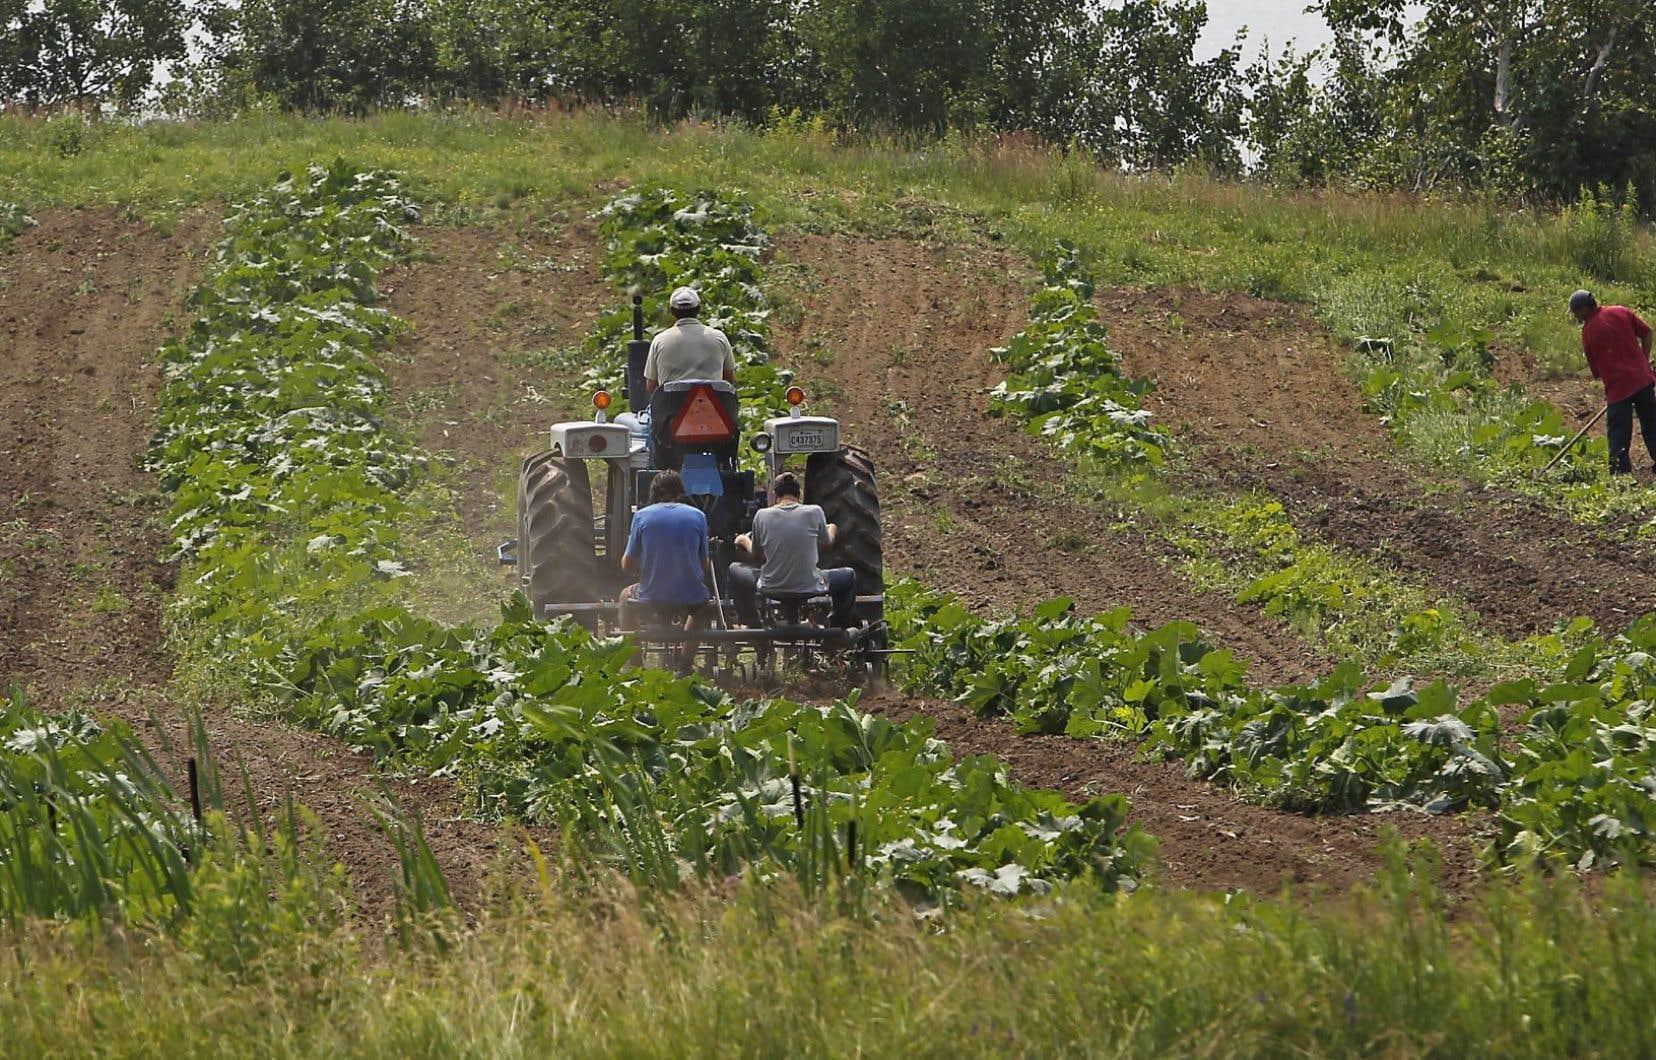 Au Québec, la majorité des terres sont vendues par des transactions intergénérationnelles. Elles échappent la plupart du temps aux rôles d'évaluation foncière, car elles sont généralement réalisées par transfert d'actions.